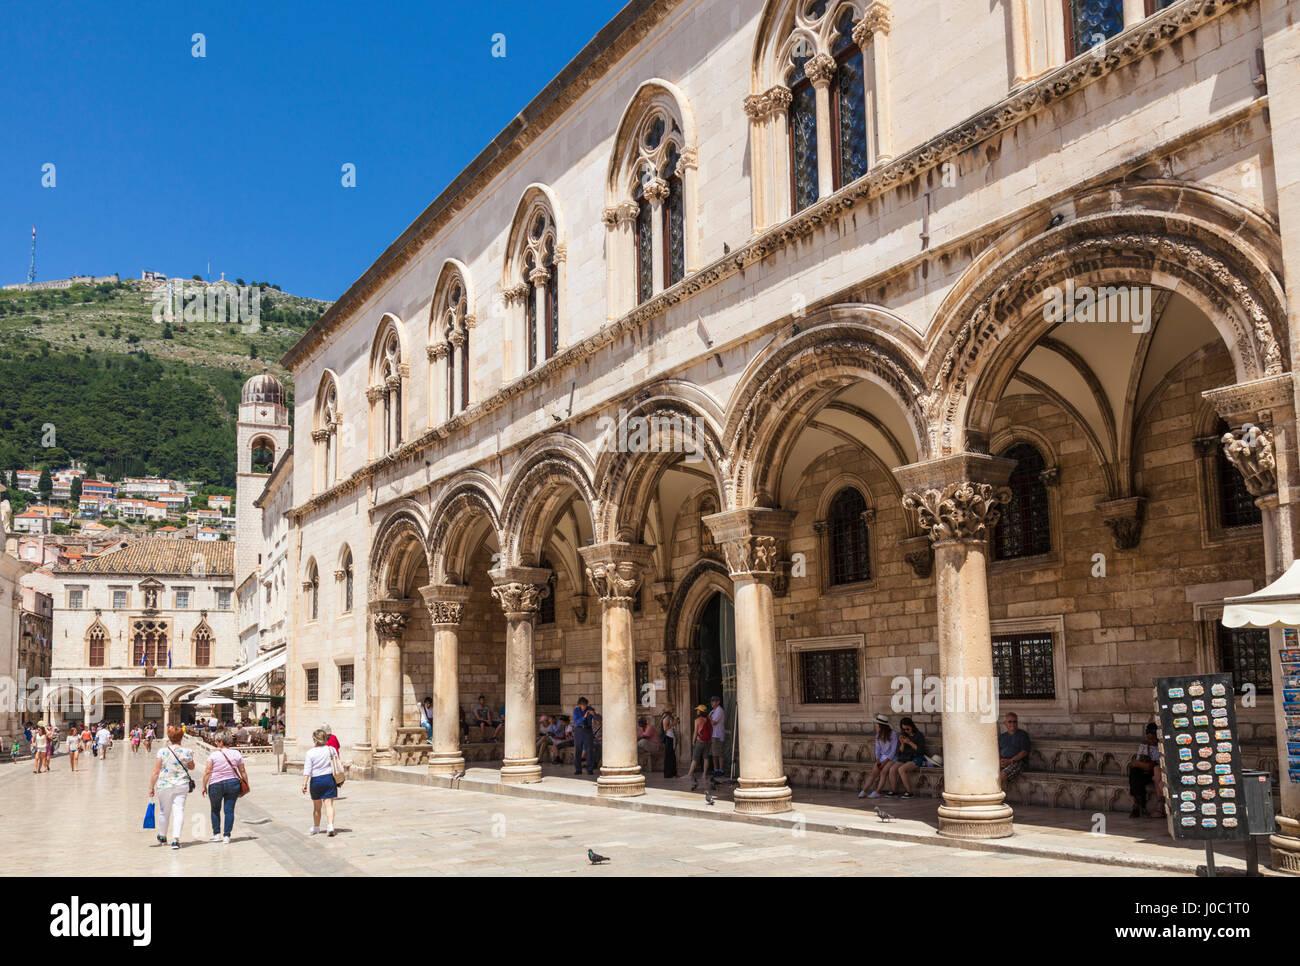 Fürstenpalast und Cultural History Museum Street View, Altstadt von Dubrovnik, Dubrovnik, Dalmatien, Kroatien Stockbild